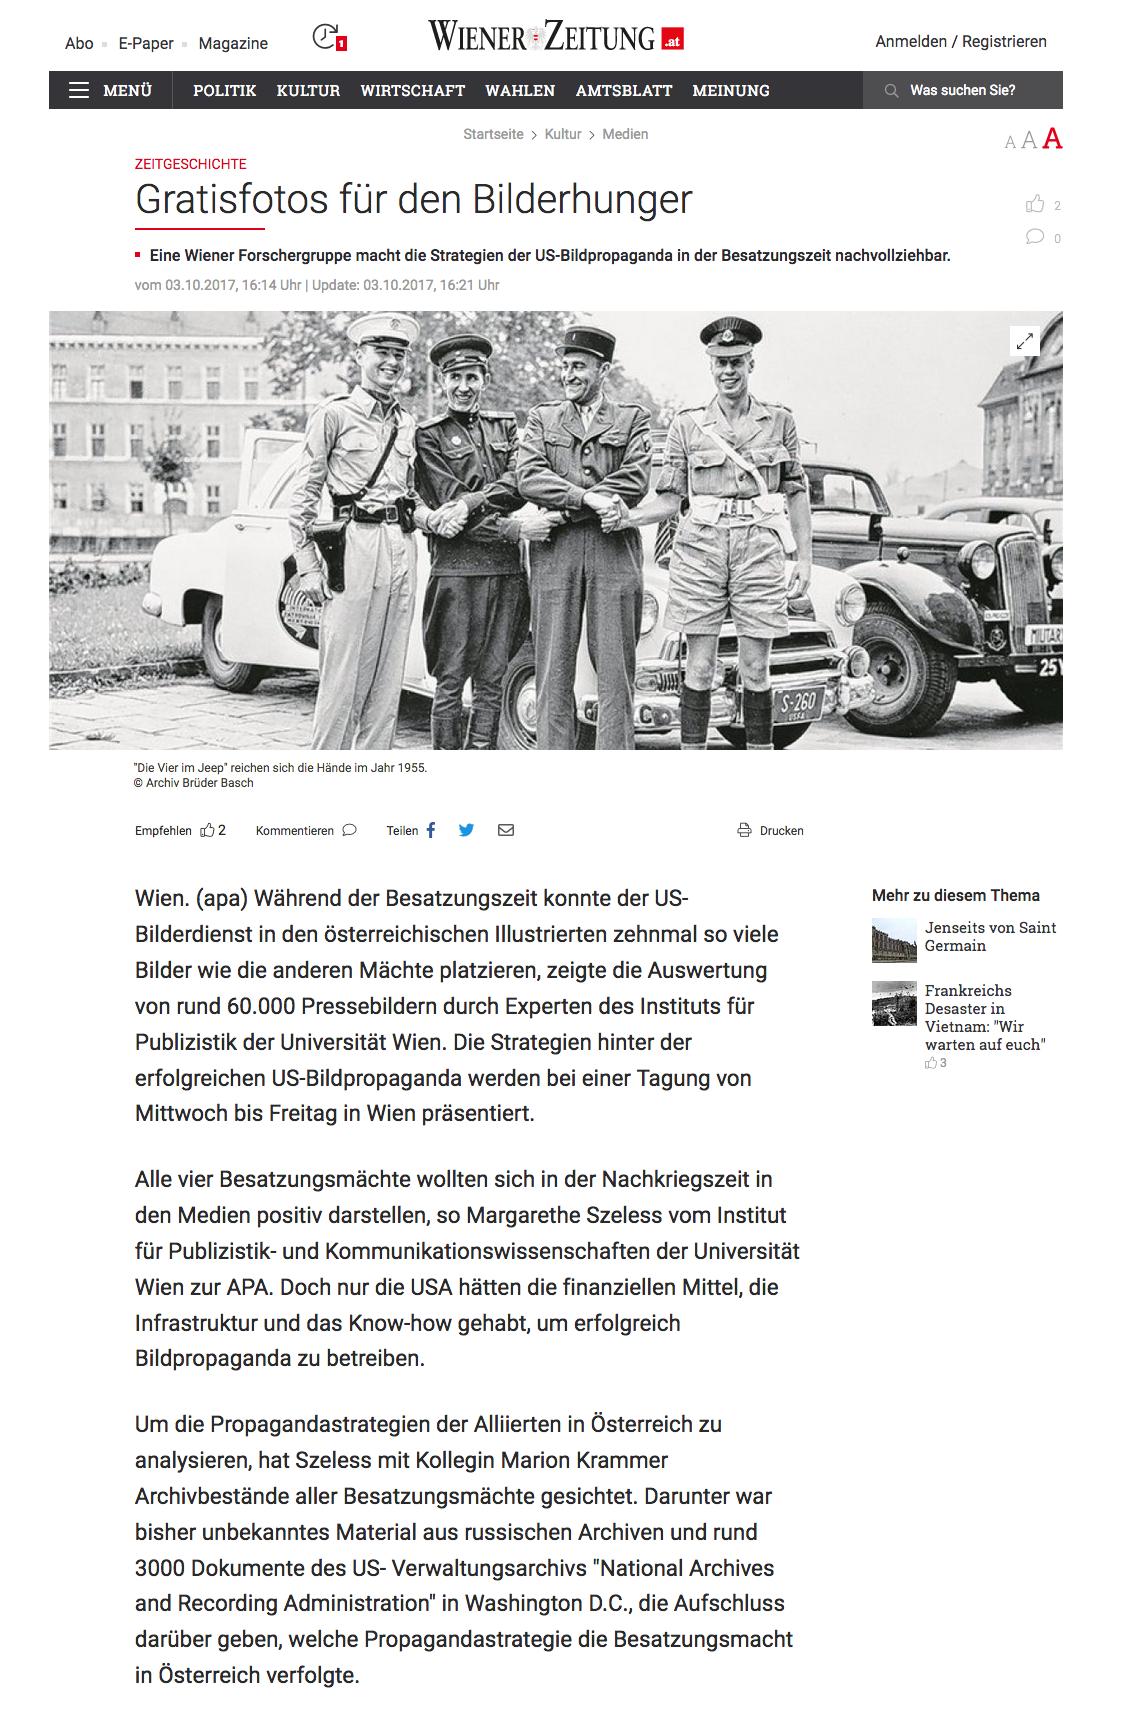 war of pictures_pressefotografen_besatzungszeit